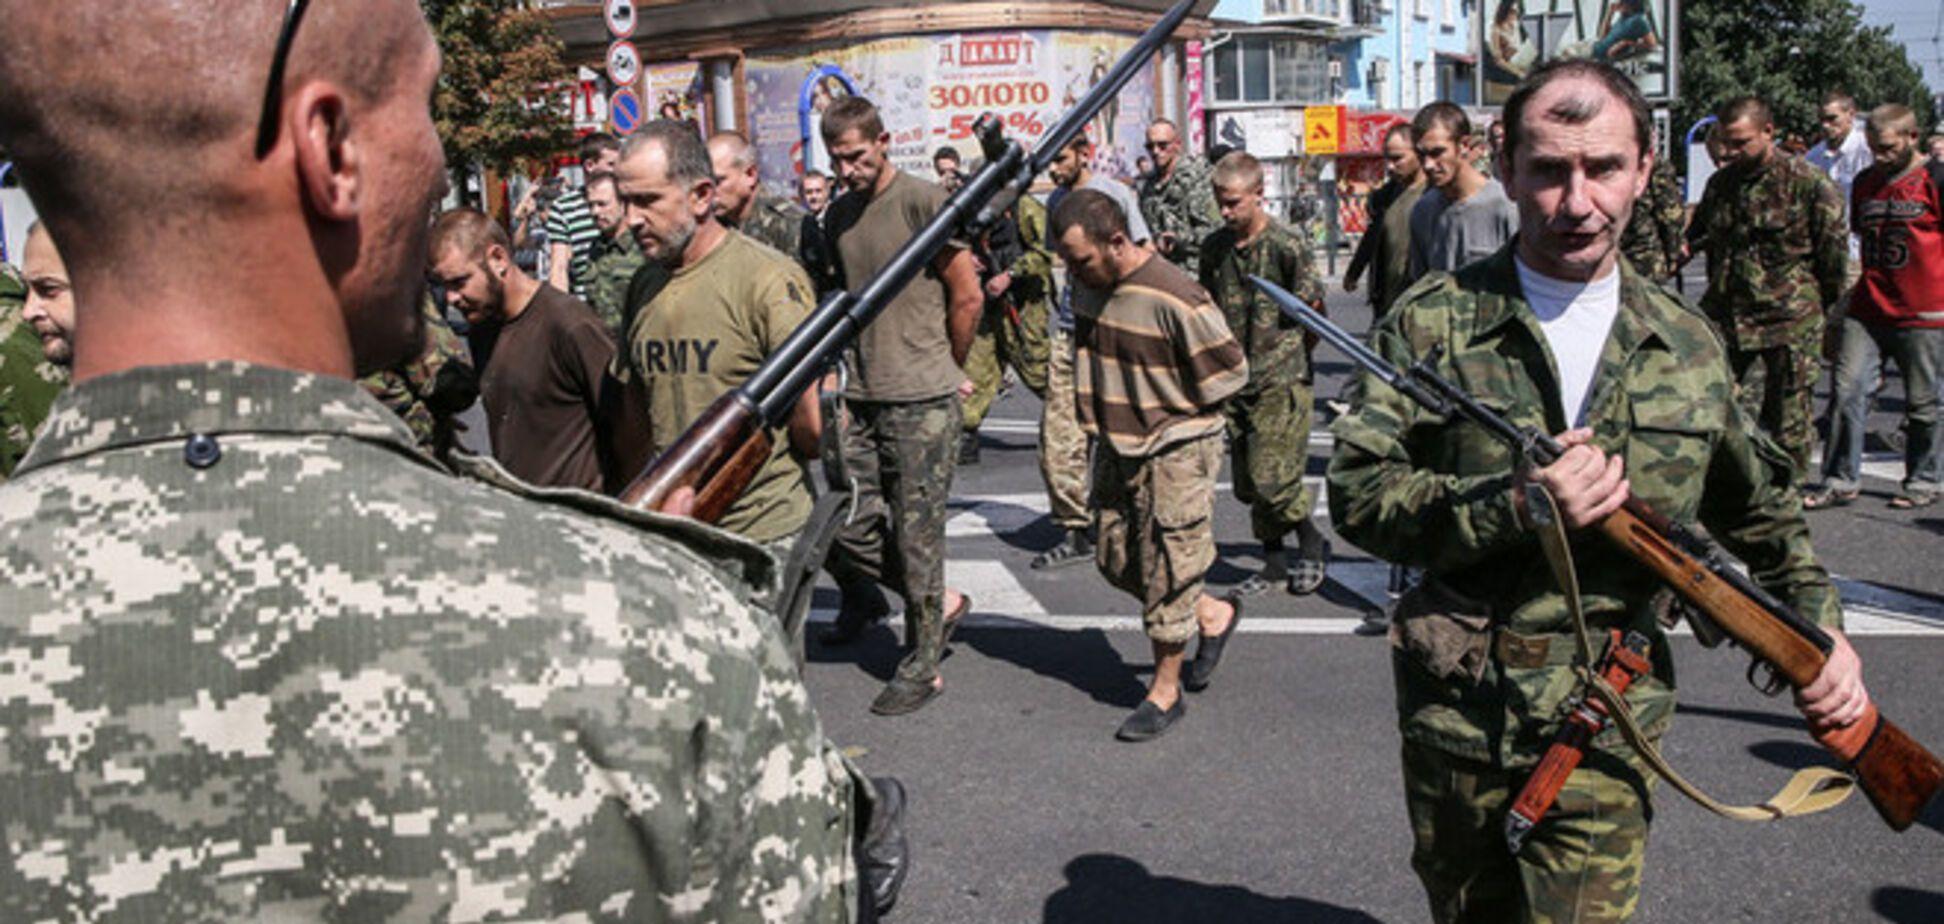 Из плена террористов в Донецке освобождено 17 украинских военных